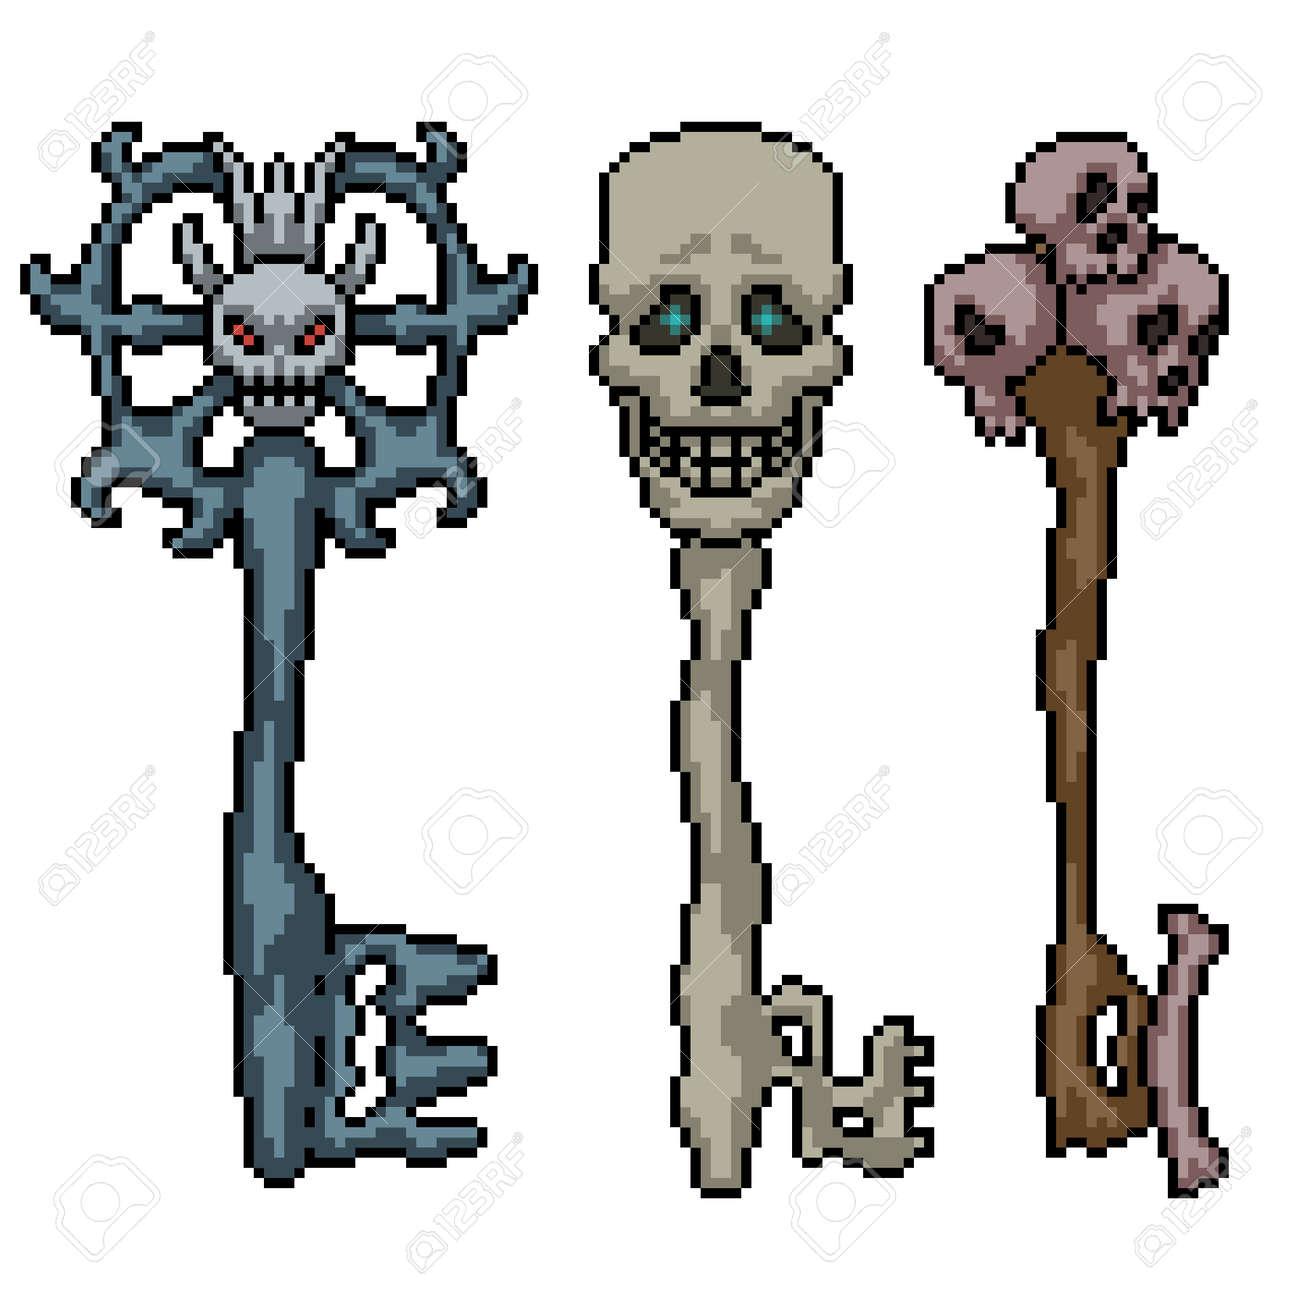 pixel art of fantasy skull key - 169836190